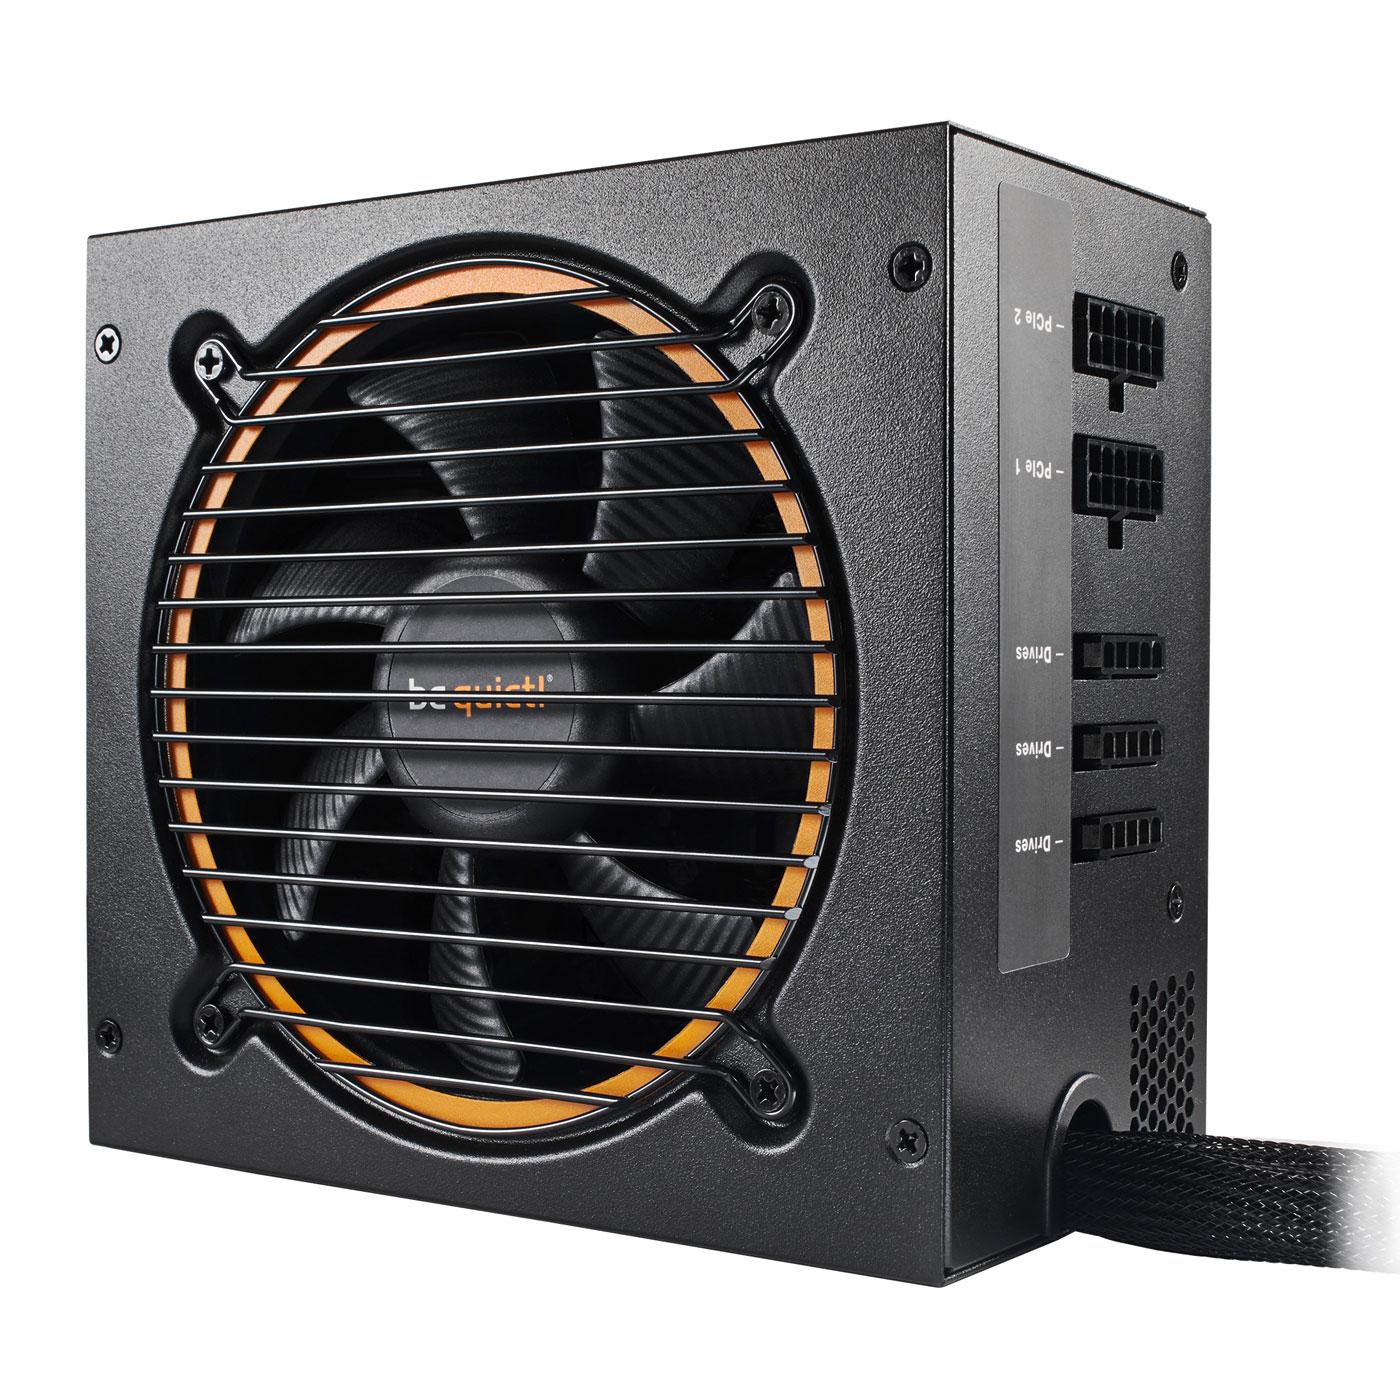 Alimentation PC be quiet! Pure Power 10 Modulaire 600W 80PLUS Silver Alimentation modulaire 600W ATX 12V 2.4 / EPS 12V 2.92 (Garantie 3 ans constructeur) - 80PLUS Silver